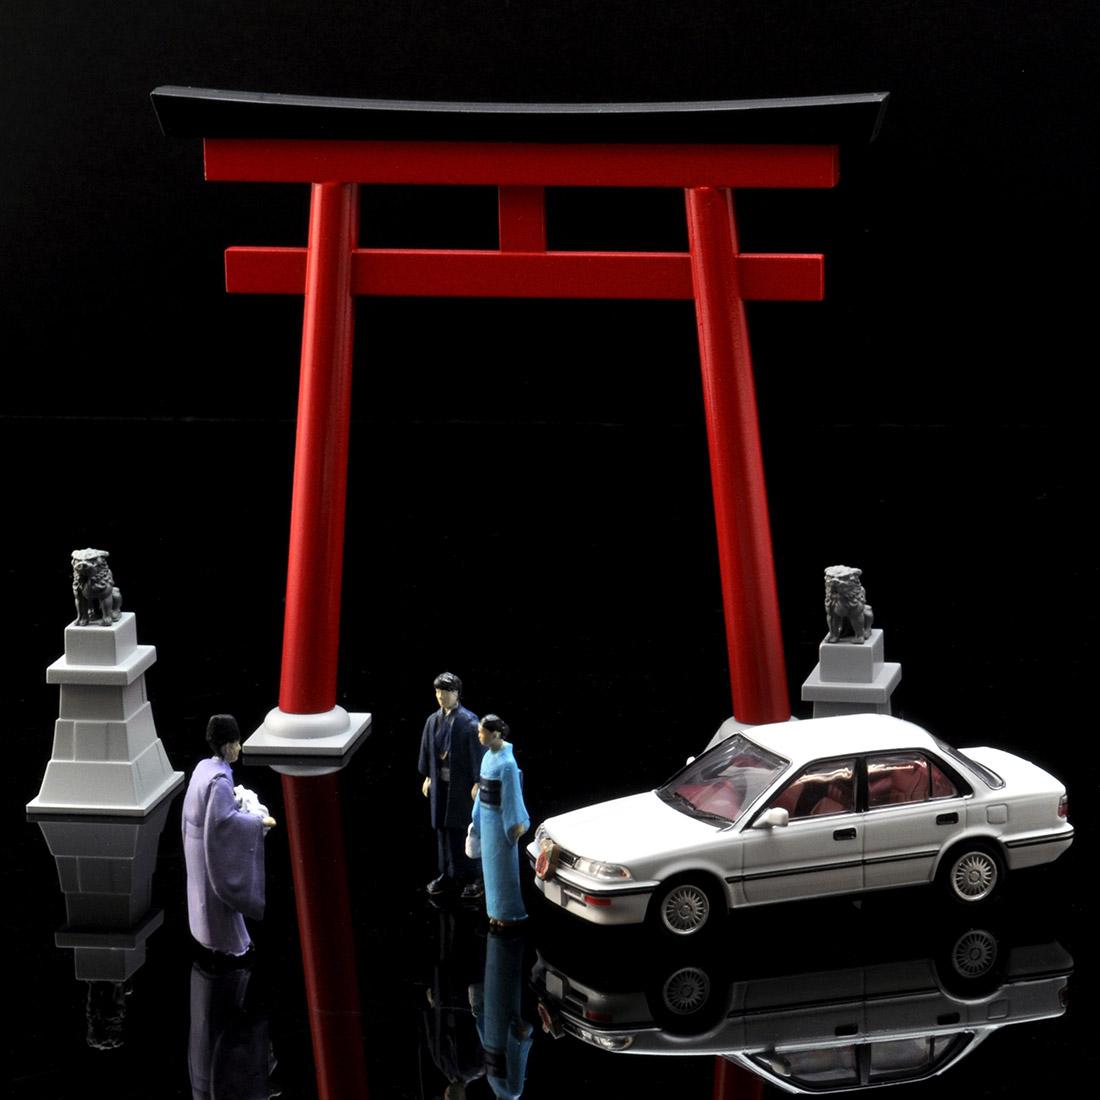 ジオラマコレクション『ジオコレ64 #カースナップ03a 初詣』1/64 ミニカー-007